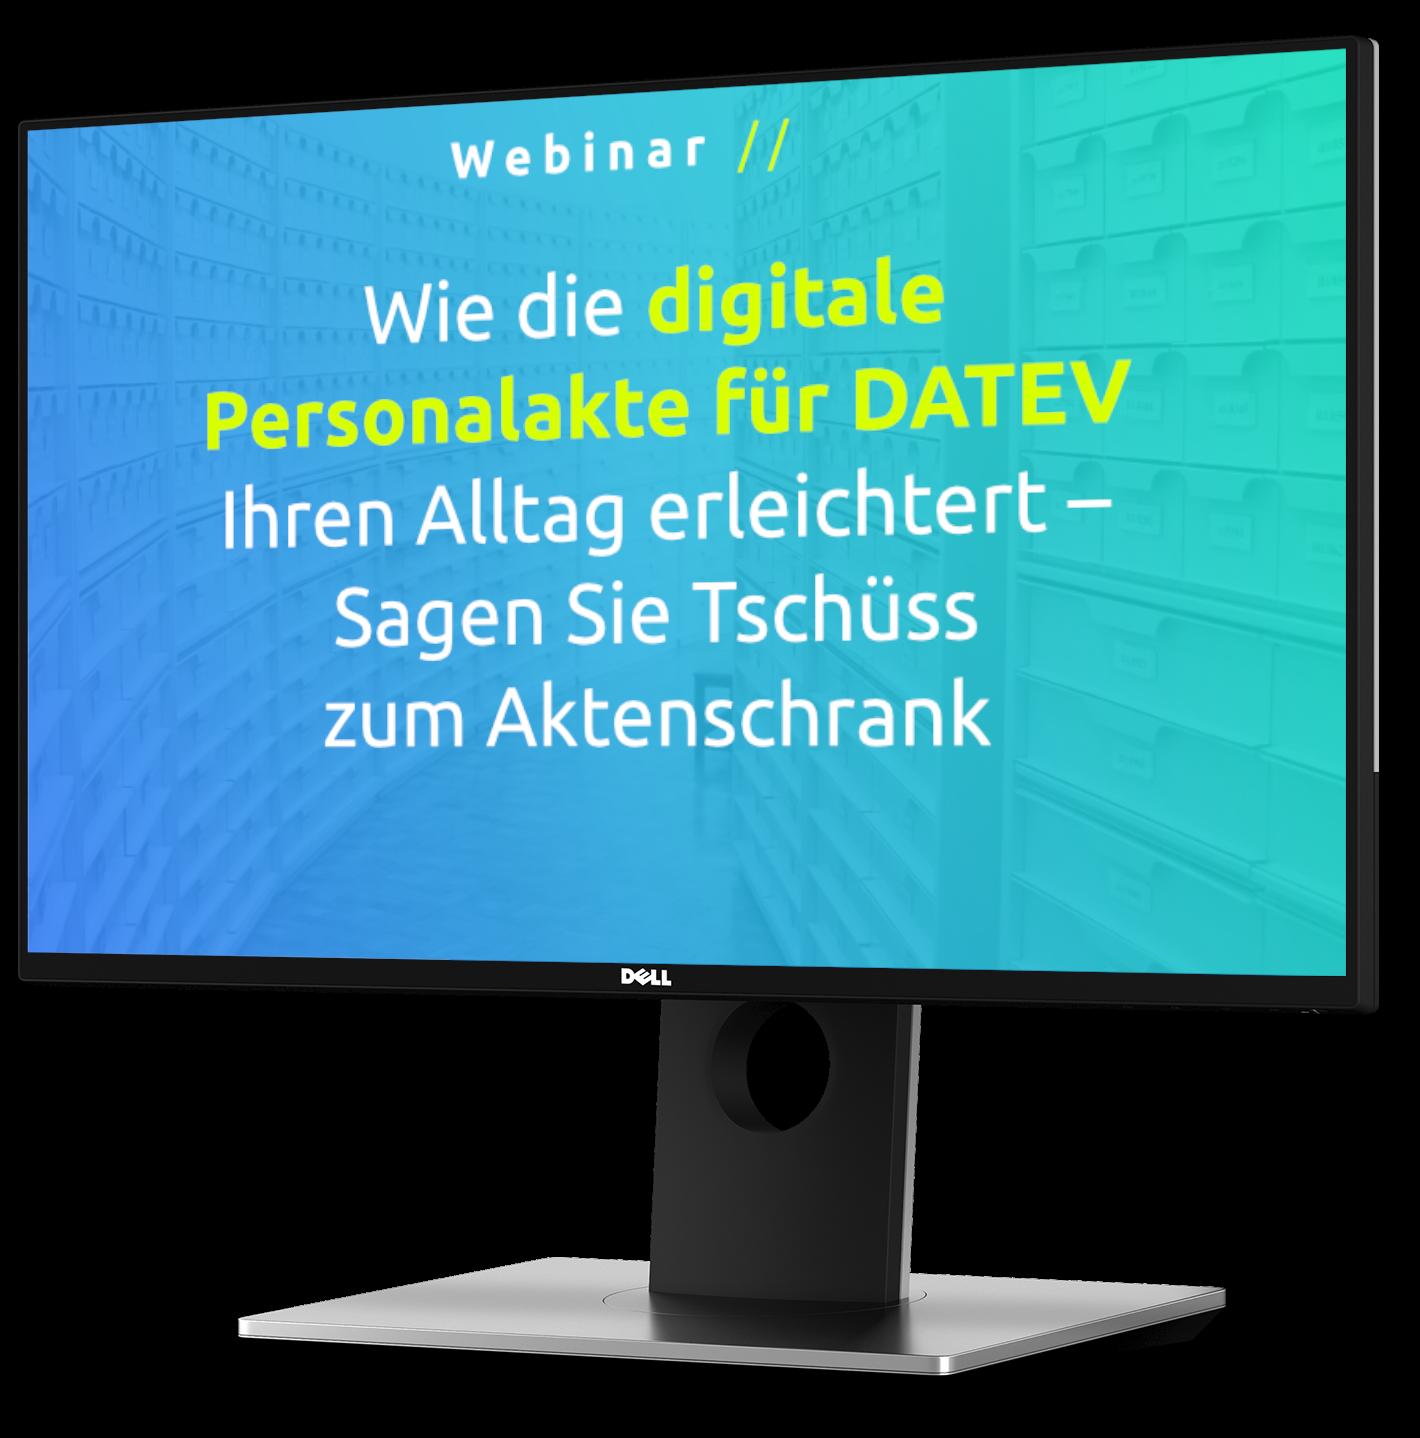 Kostenloses Webinar am 28.09.21 zur digitalen Personalakte für DATEV